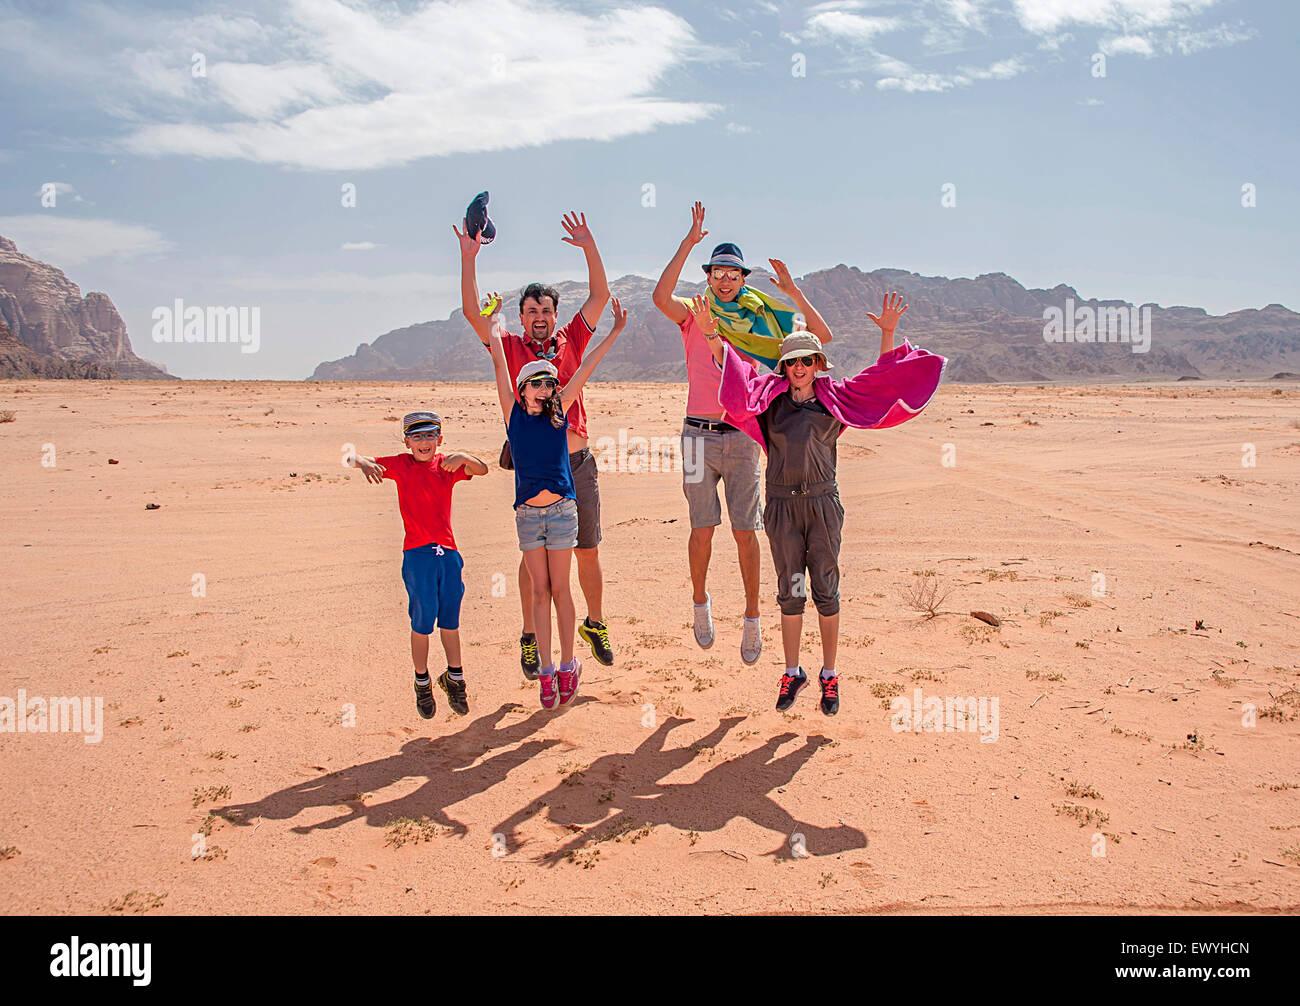 La famiglia felice del salto in aria di Wadi Rum, Aqaba Giordania Immagini Stock